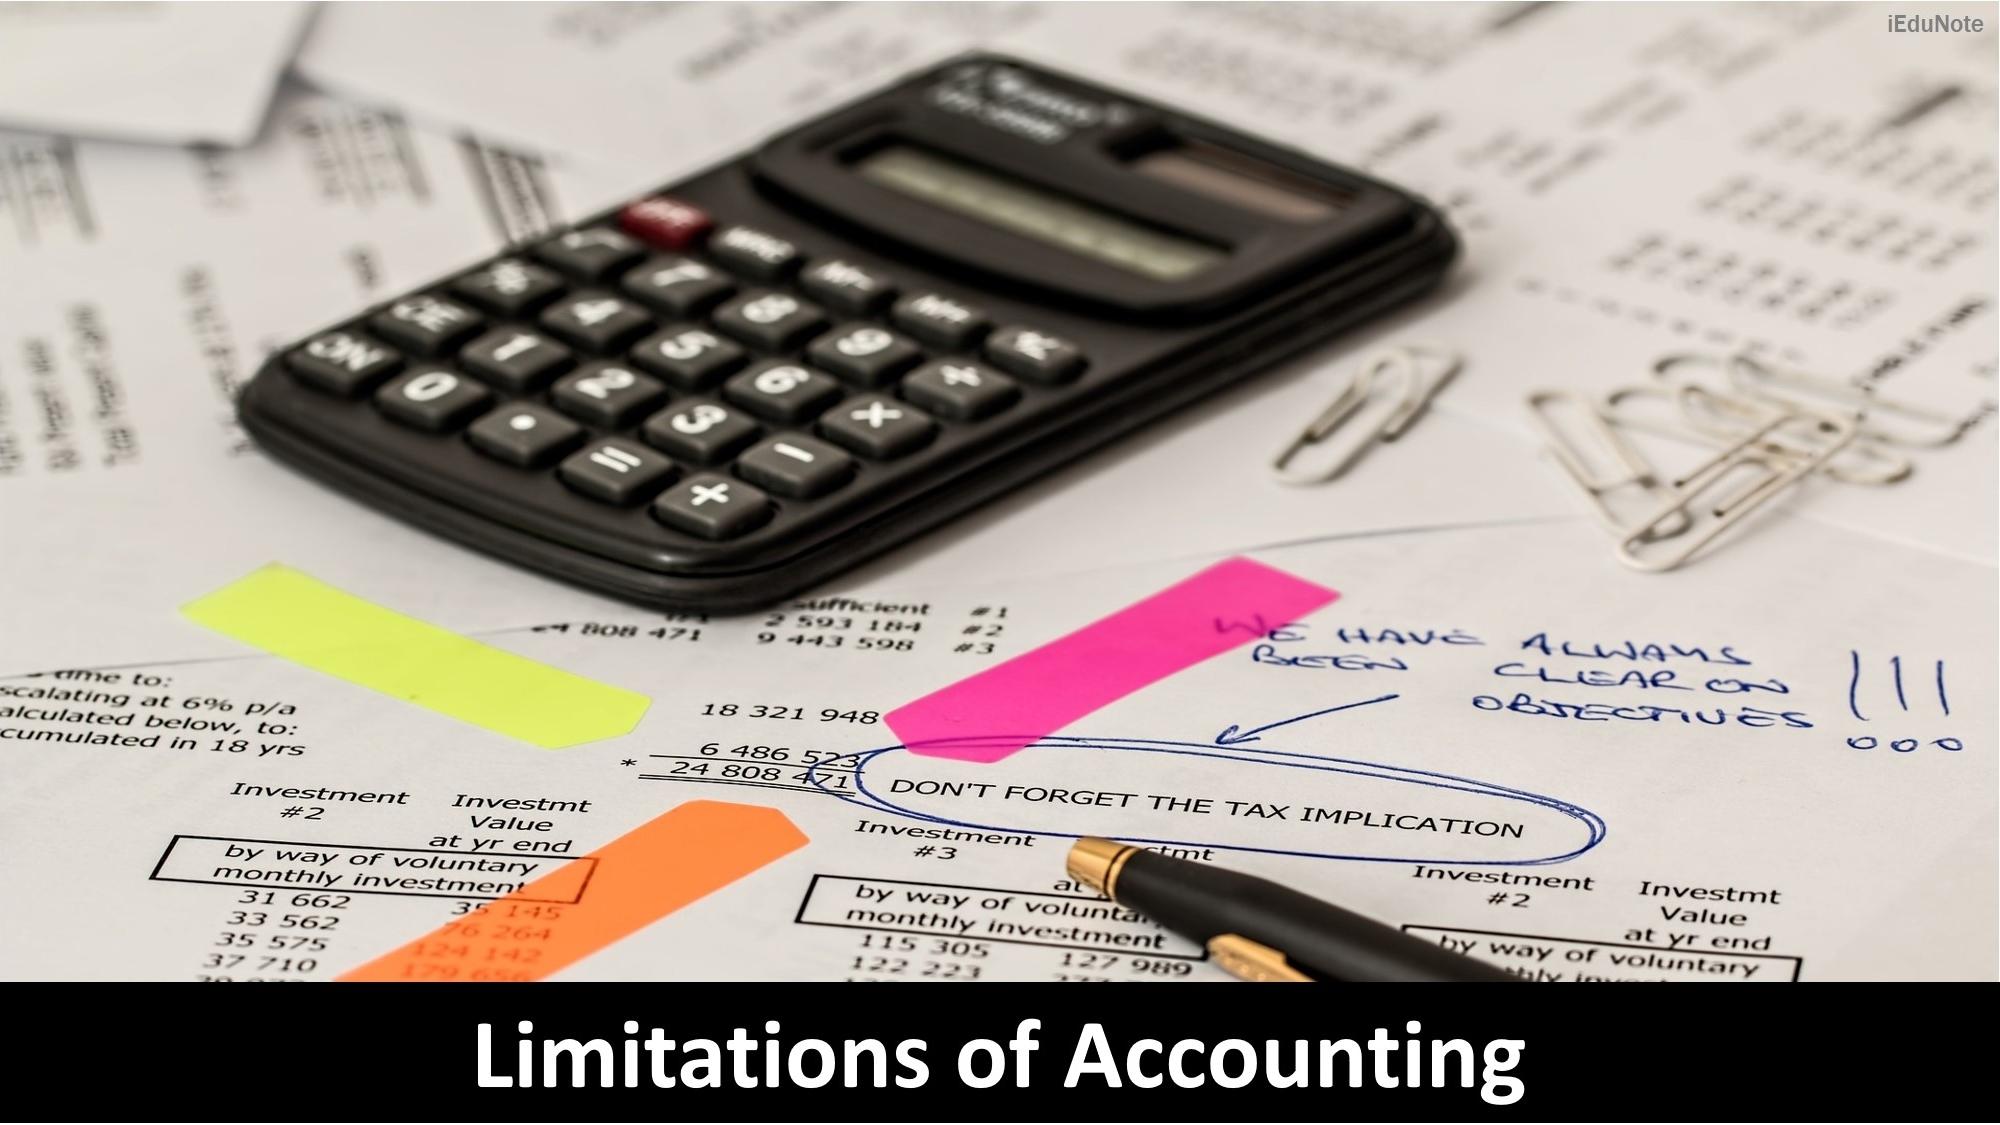 Limitations of Accounting (9 Limitations of Accounting Practice)